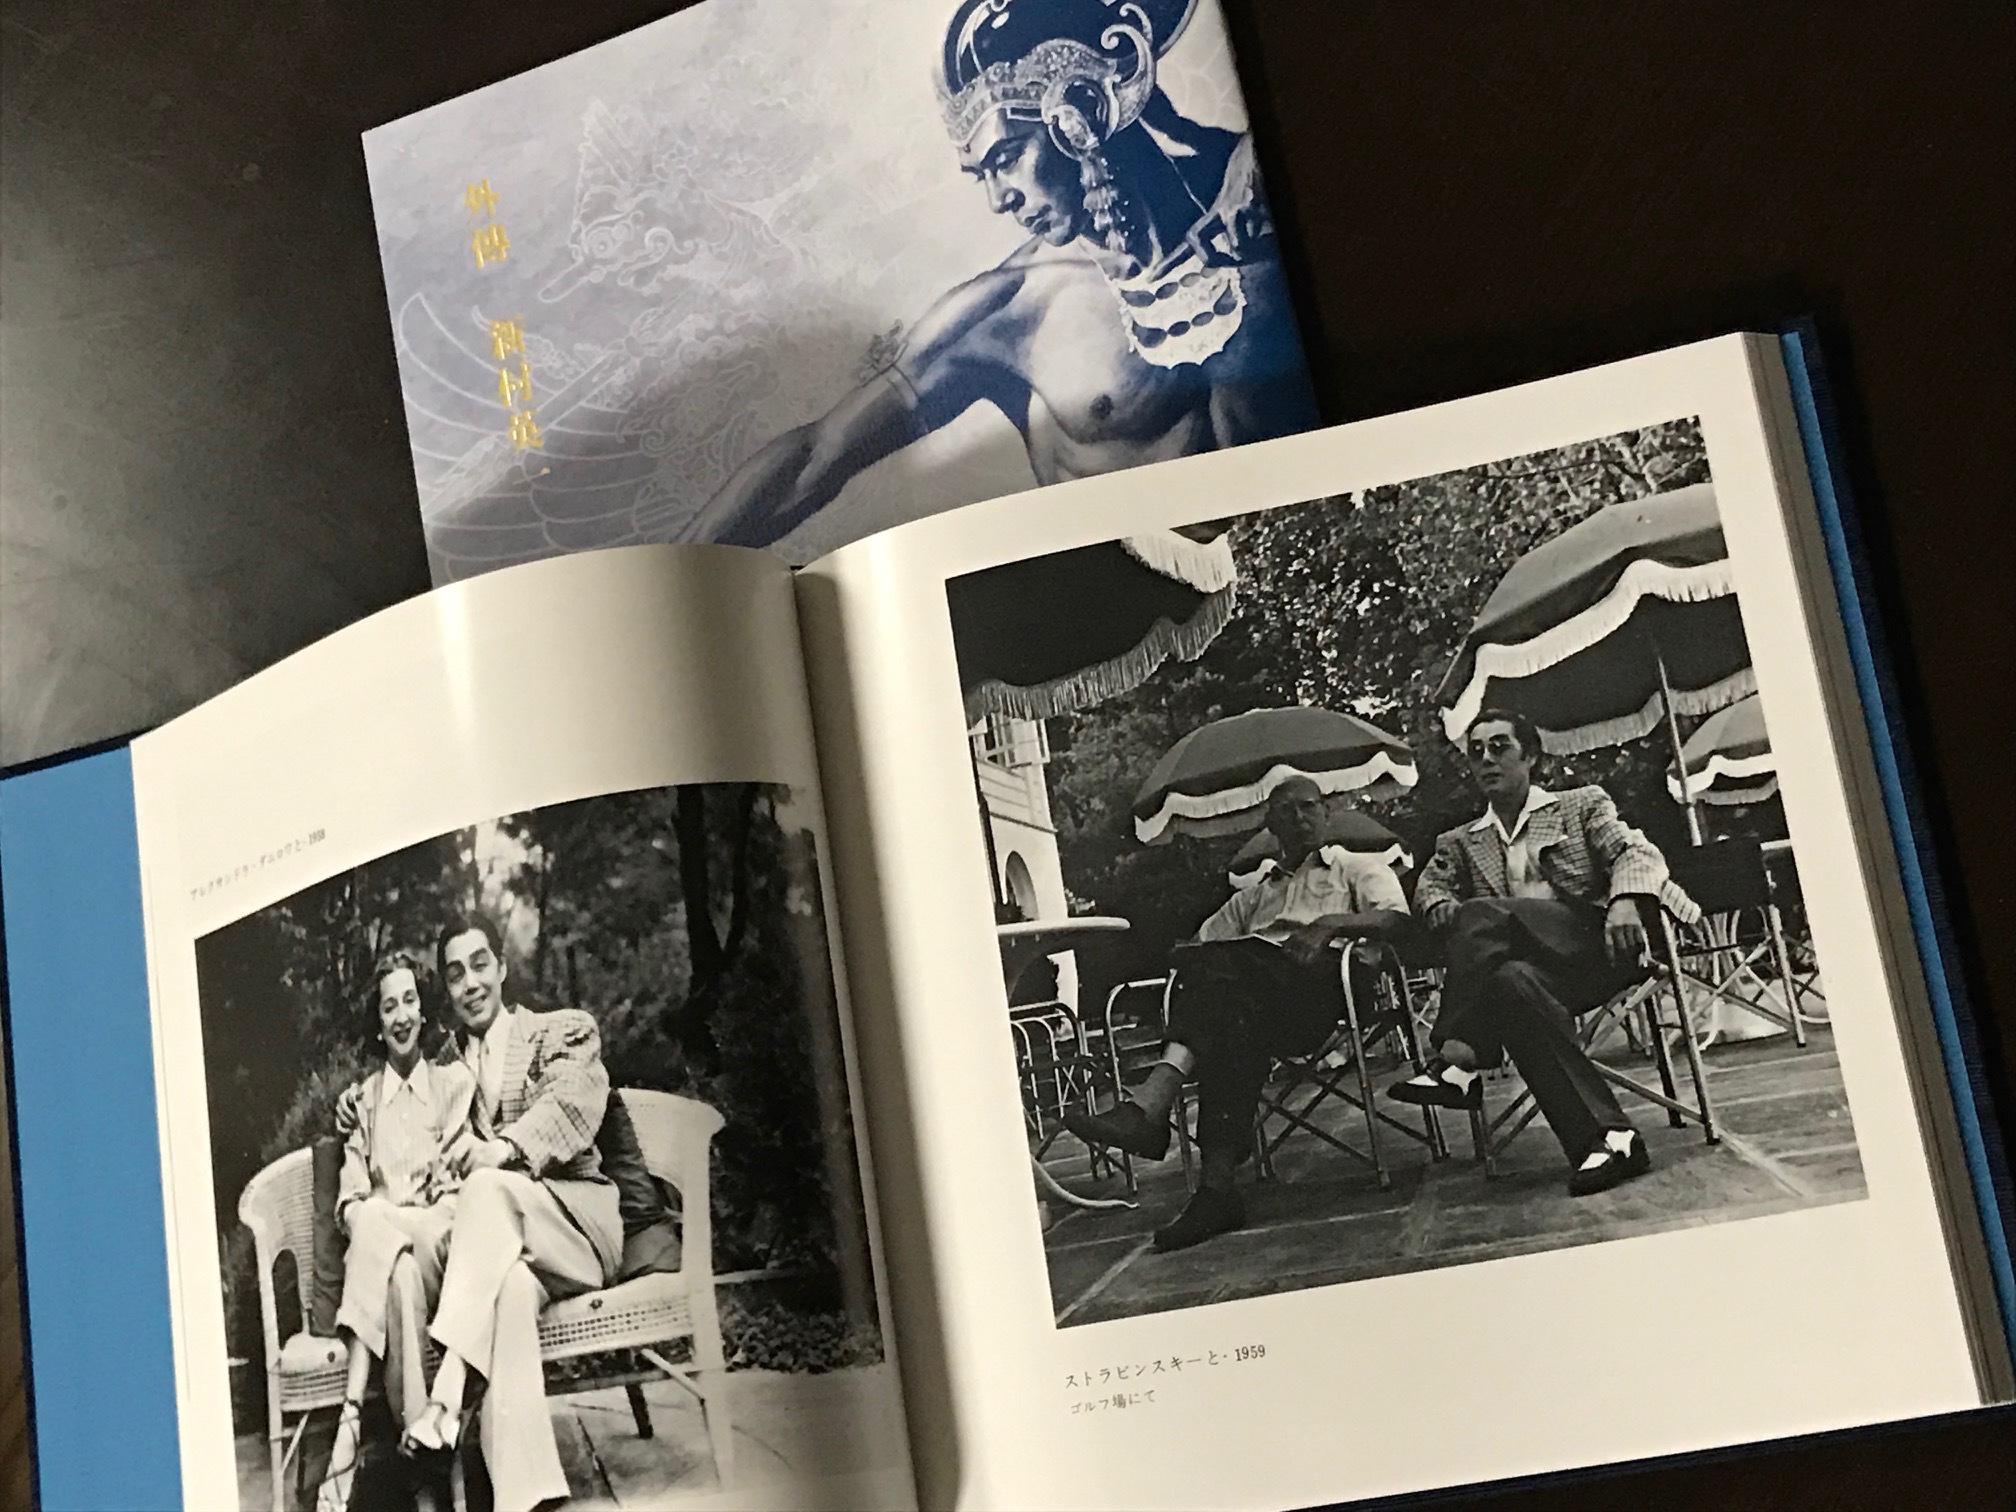 復刻された自伝と外伝(定価2000円/限定300部) 右の写真はストラビンスキーとの2ショットだ。